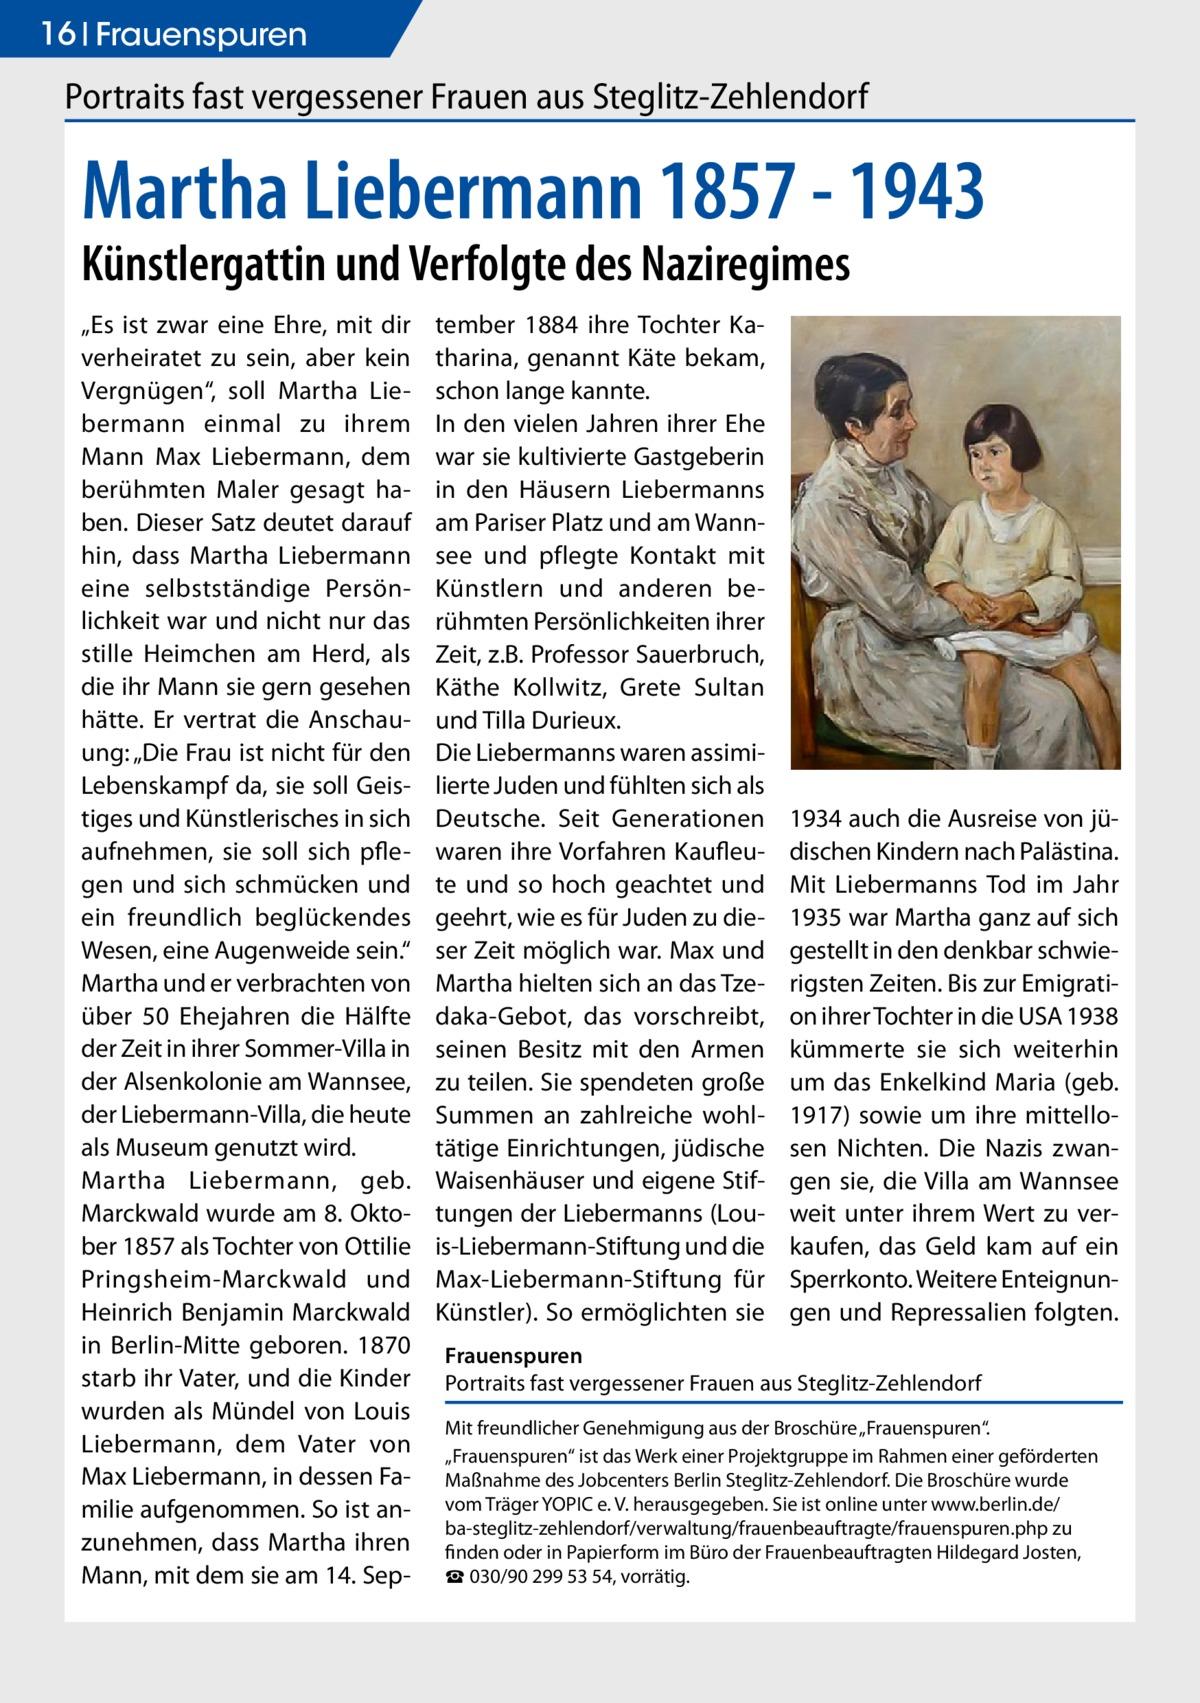 """16 Frauenspuren  Portraits fast vergessener Frauen aus Steglitz-Zehlendorf  Martha Liebermann 1857 - 1943 Künstlergattin und Verfolgte des Naziregimes """"Es ist zwar eine Ehre, mit dir verheiratet zu sein, aber kein Vergnügen"""", soll Martha Liebermann einmal zu ihrem Mann Max Liebermann, dem berühmten Maler gesagt haben. Dieser Satz deutet darauf hin, dass Martha Liebermann eine selbstständige Persönlichkeit war und nicht nur das stille Heimchen am Herd, als die ihr Mann sie gern gesehen hätte. Er vertrat die Anschauung: """"Die Frau ist nicht für den Lebenskampf da, sie soll Geistiges und Künstlerisches in sich aufnehmen, sie soll sich pflegen und sich schmücken und ein freundlich beglückendes Wesen, eine Augenweide sein."""" Martha und er verbrachten von über 50 Ehejahren die Hälfte der Zeit in ihrer Sommer-Villa in der Alsenkolonie am Wannsee, der Liebermann-Villa, die heute als Museum genutzt wird. Martha Liebermann, geb. Marckwald wurde am 8. Oktober 1857 als Tochter von Ottilie Pringsheim-Marckwald und Heinrich Benjamin Marckwald in Berlin-Mitte geboren. 1870 starb ihr Vater, und die Kinder wurden als Mündel von Louis Liebermann, dem Vater von Max Liebermann, in dessen Familie aufgenommen. So ist anzunehmen, dass Martha ihren Mann, mit dem sie am 14.Sep tember 1884 ihre Tochter Katharina, genannt Käte bekam, schon lange kannte. In den vielen Jahren ihrer Ehe war sie kultivierte Gastgeberin in den Häusern Liebermanns am Pariser Platz und am Wannsee und pflegte Kontakt mit Künstlern und anderen berühmten Persönlichkeiten ihrer Zeit, z.B. Professor Sauerbruch, Käthe Kollwitz, Grete Sultan und Tilla Durieux. Die Liebermanns waren assimilierte Juden und fühlten sich als Deutsche. Seit Generationen waren ihre Vorfahren Kaufleute und so hoch geachtet und geehrt, wie es für Juden zu dieser Zeit möglich war. Max und Martha hielten sich an das Tzedaka-Gebot, das vorschreibt, seinen Besitz mit den Armen zu teilen. Sie spendeten große Summen an zahlreiche wohltätige Einrichtungen,"""